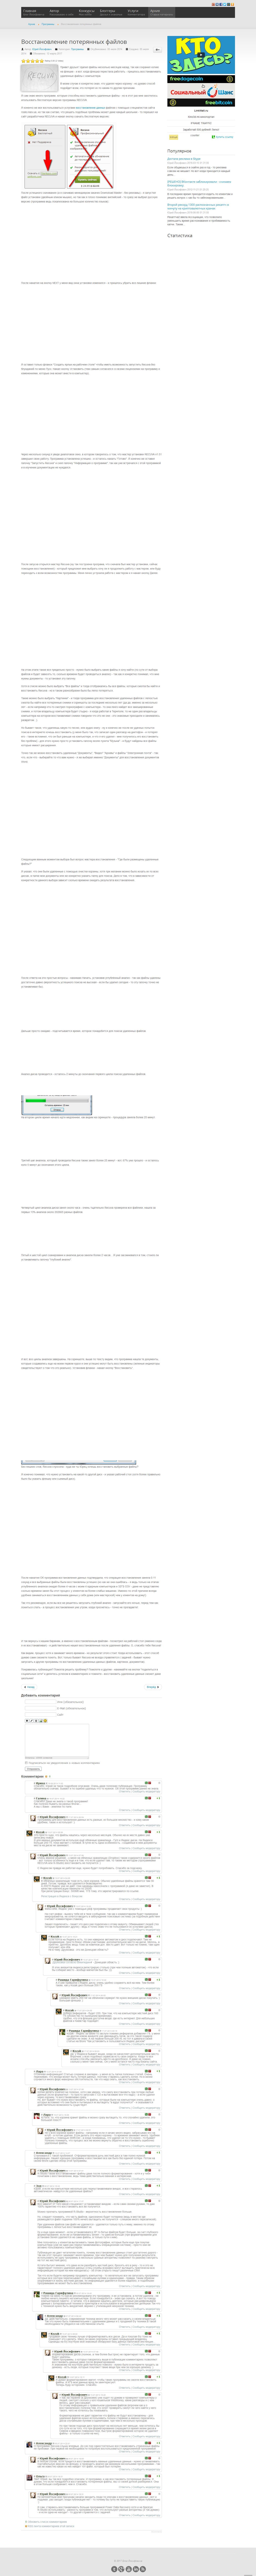 7e7a0a9061fa Удалил файлы несколько месяцев назад, так как сохранил копию на флешке -